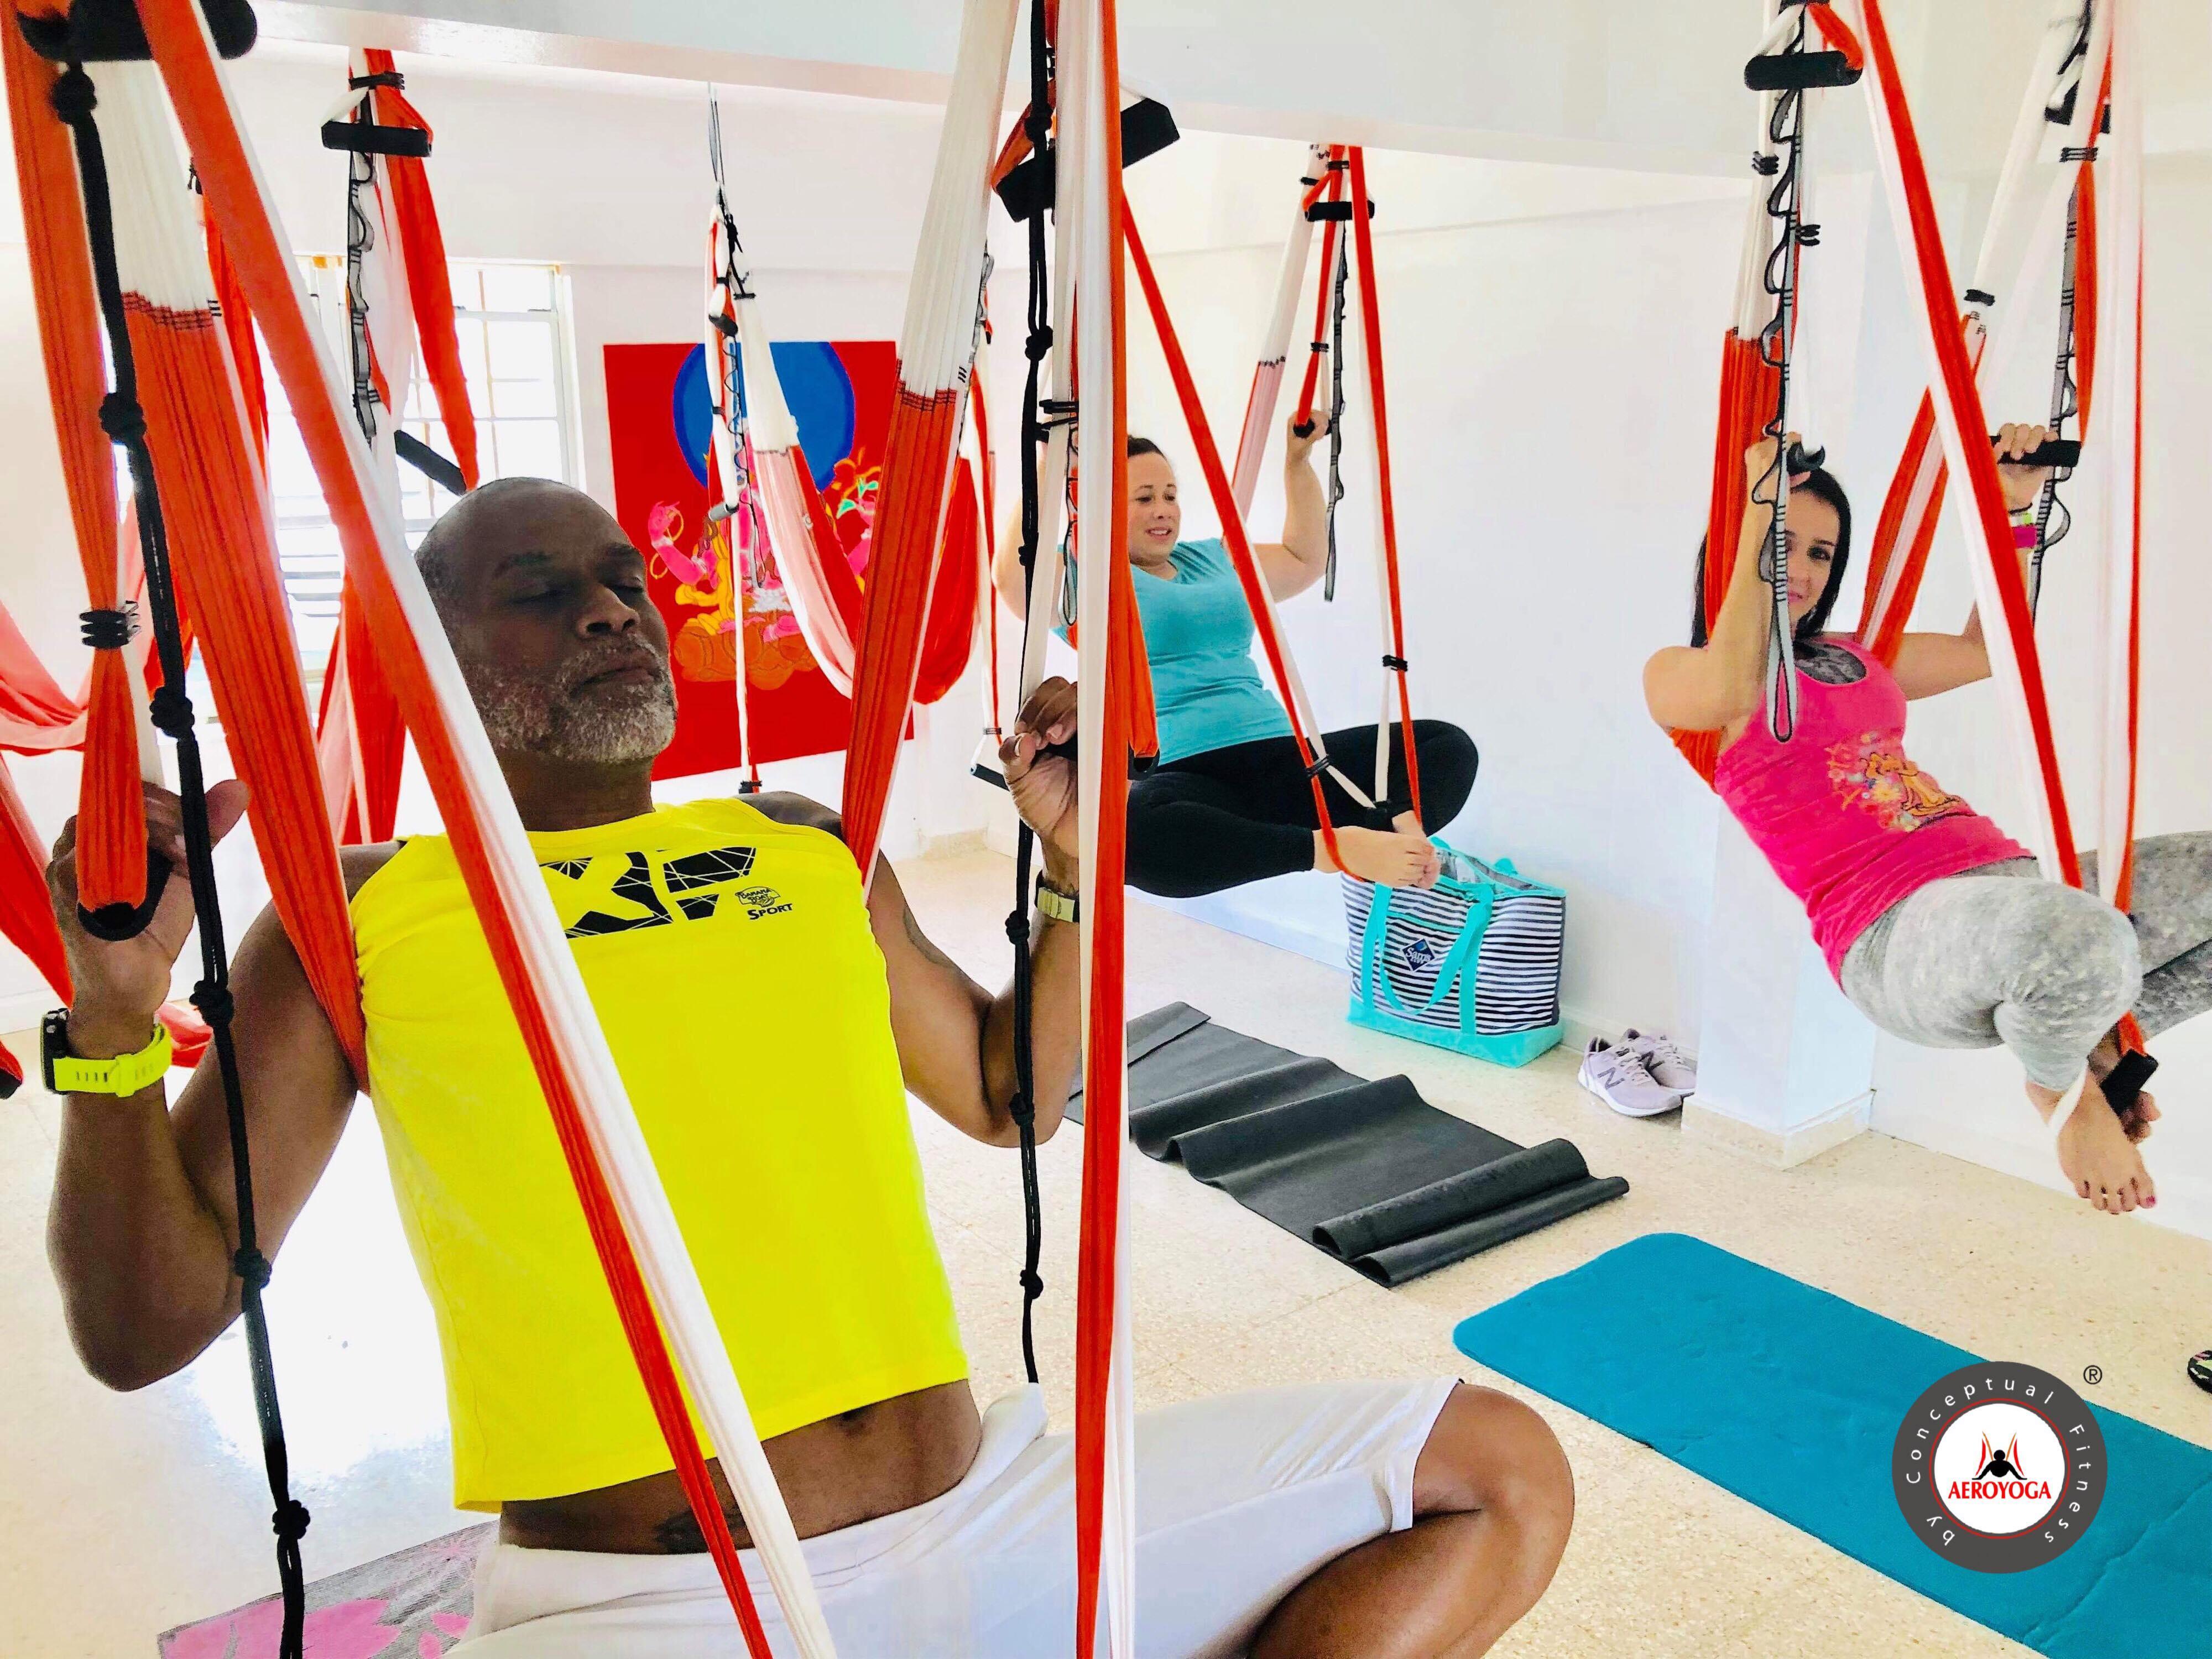 Yoga Aéreo Puerto Rico, Descubre las Experiencias AeroYoga®, Ejercicio, Nutrición y Salud